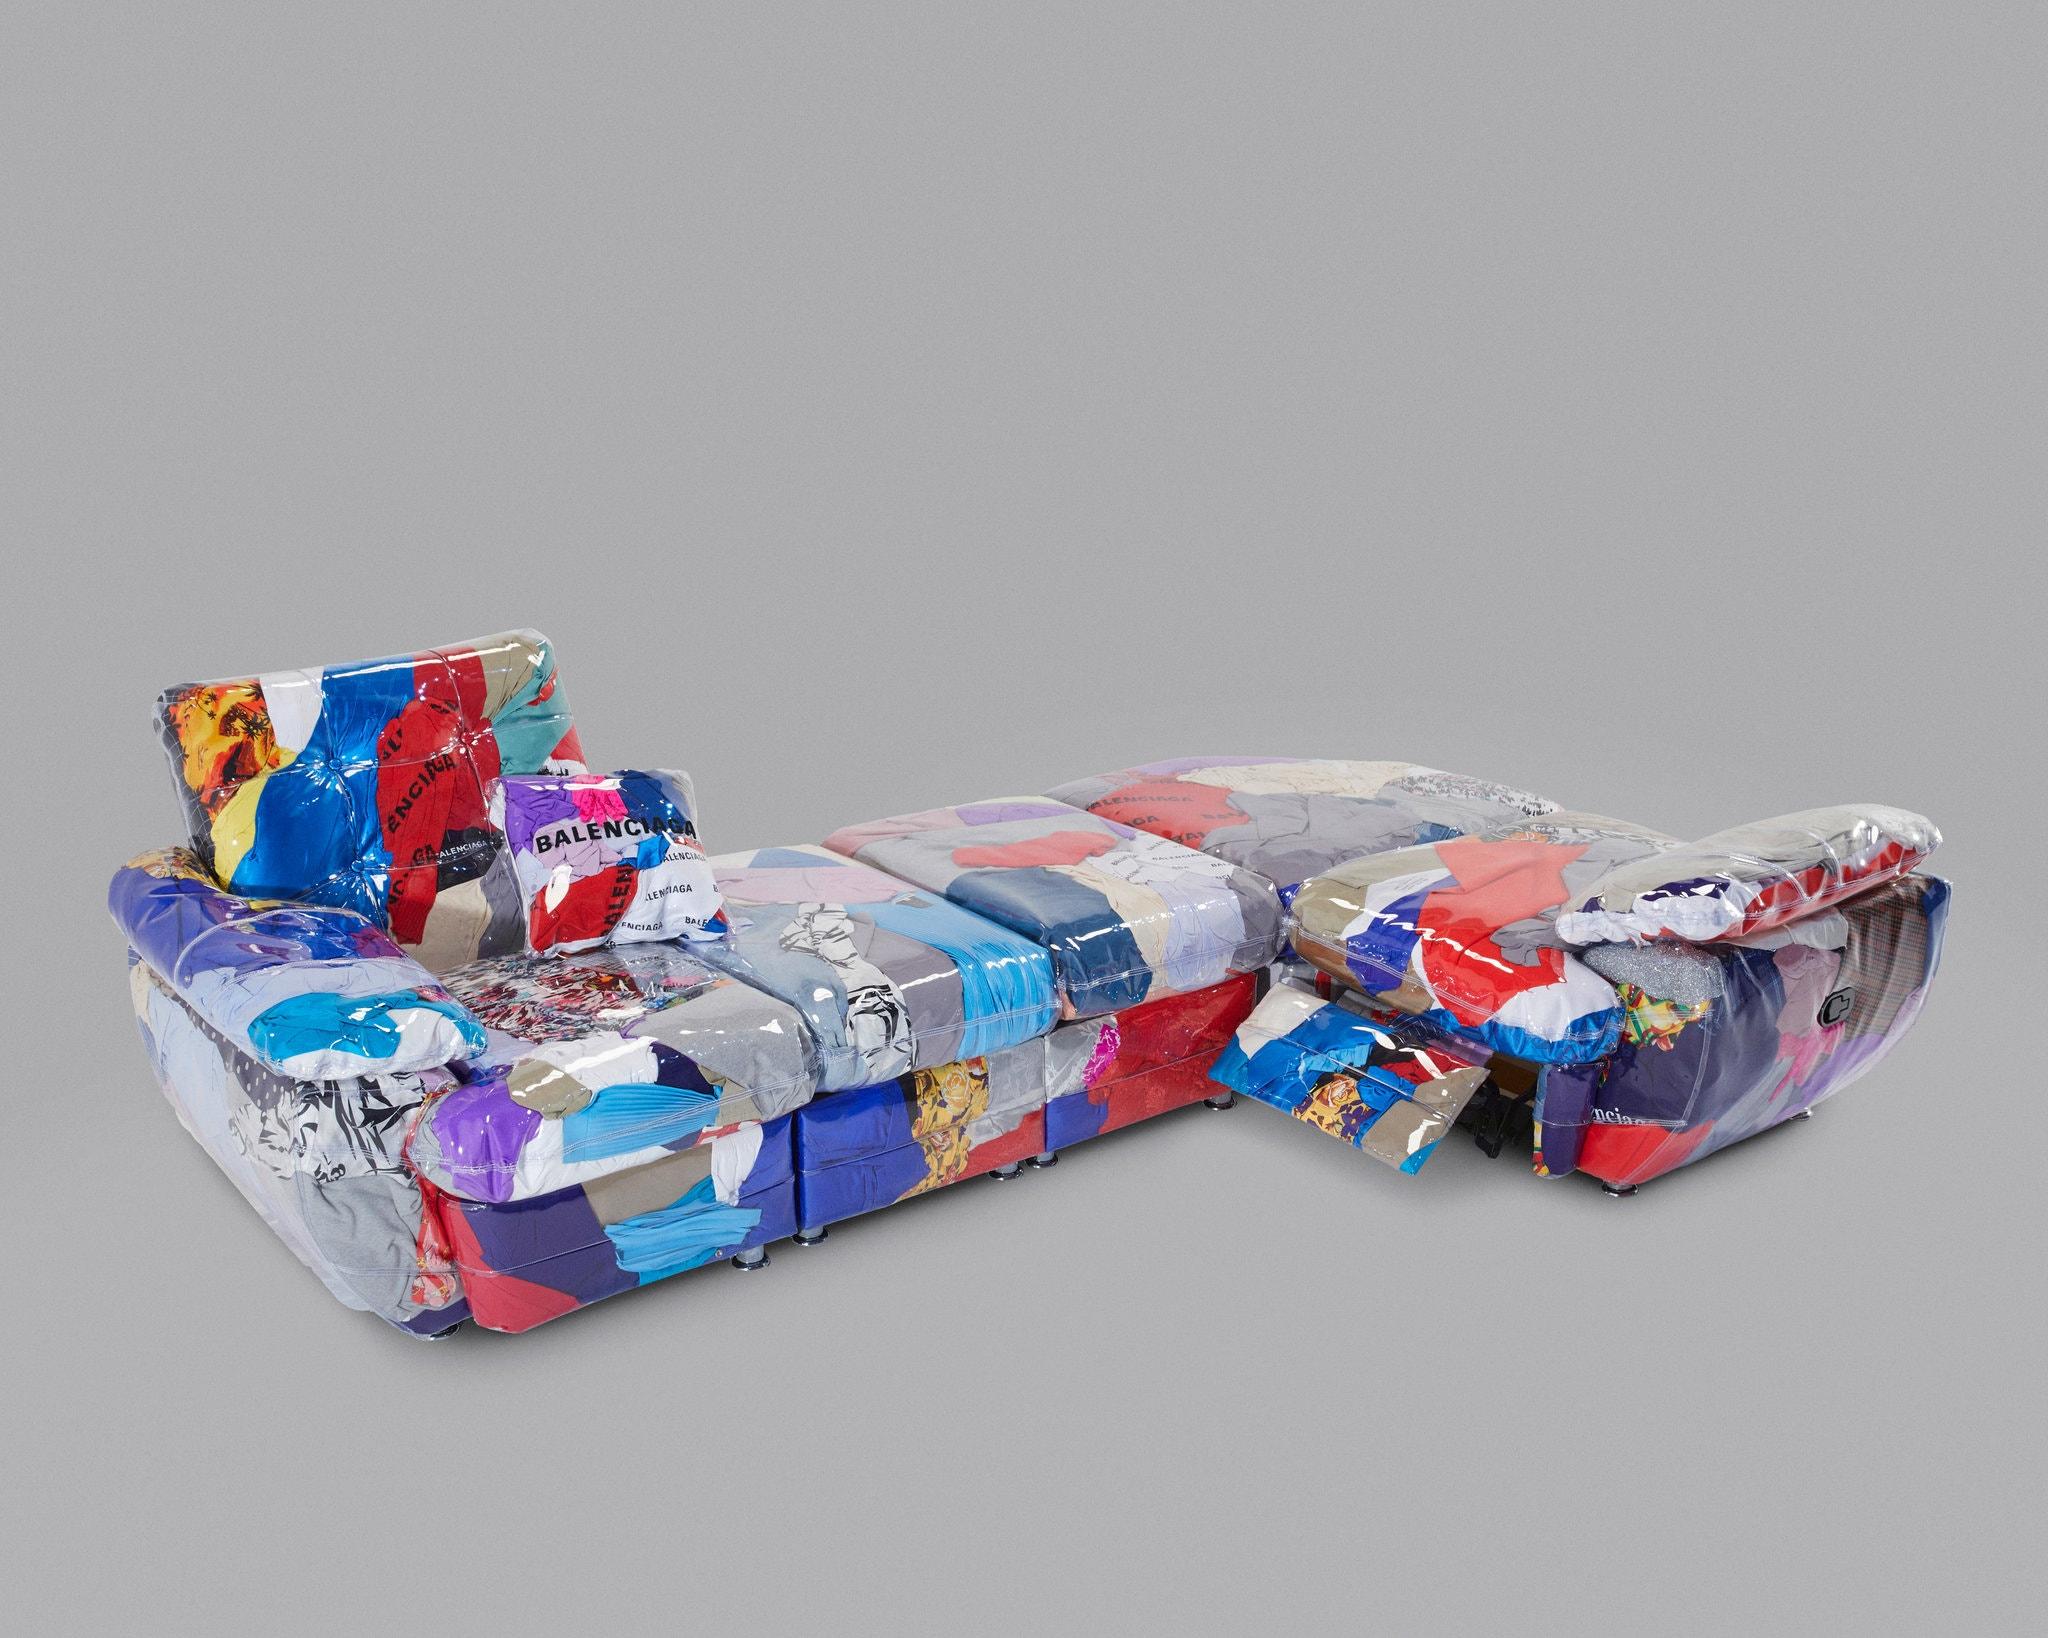 """""""Balenciaga Sofa"""". Harry Nuriev en colaboración con Balenciaga. Imagen. Cortesía de Harry Nuriev"""